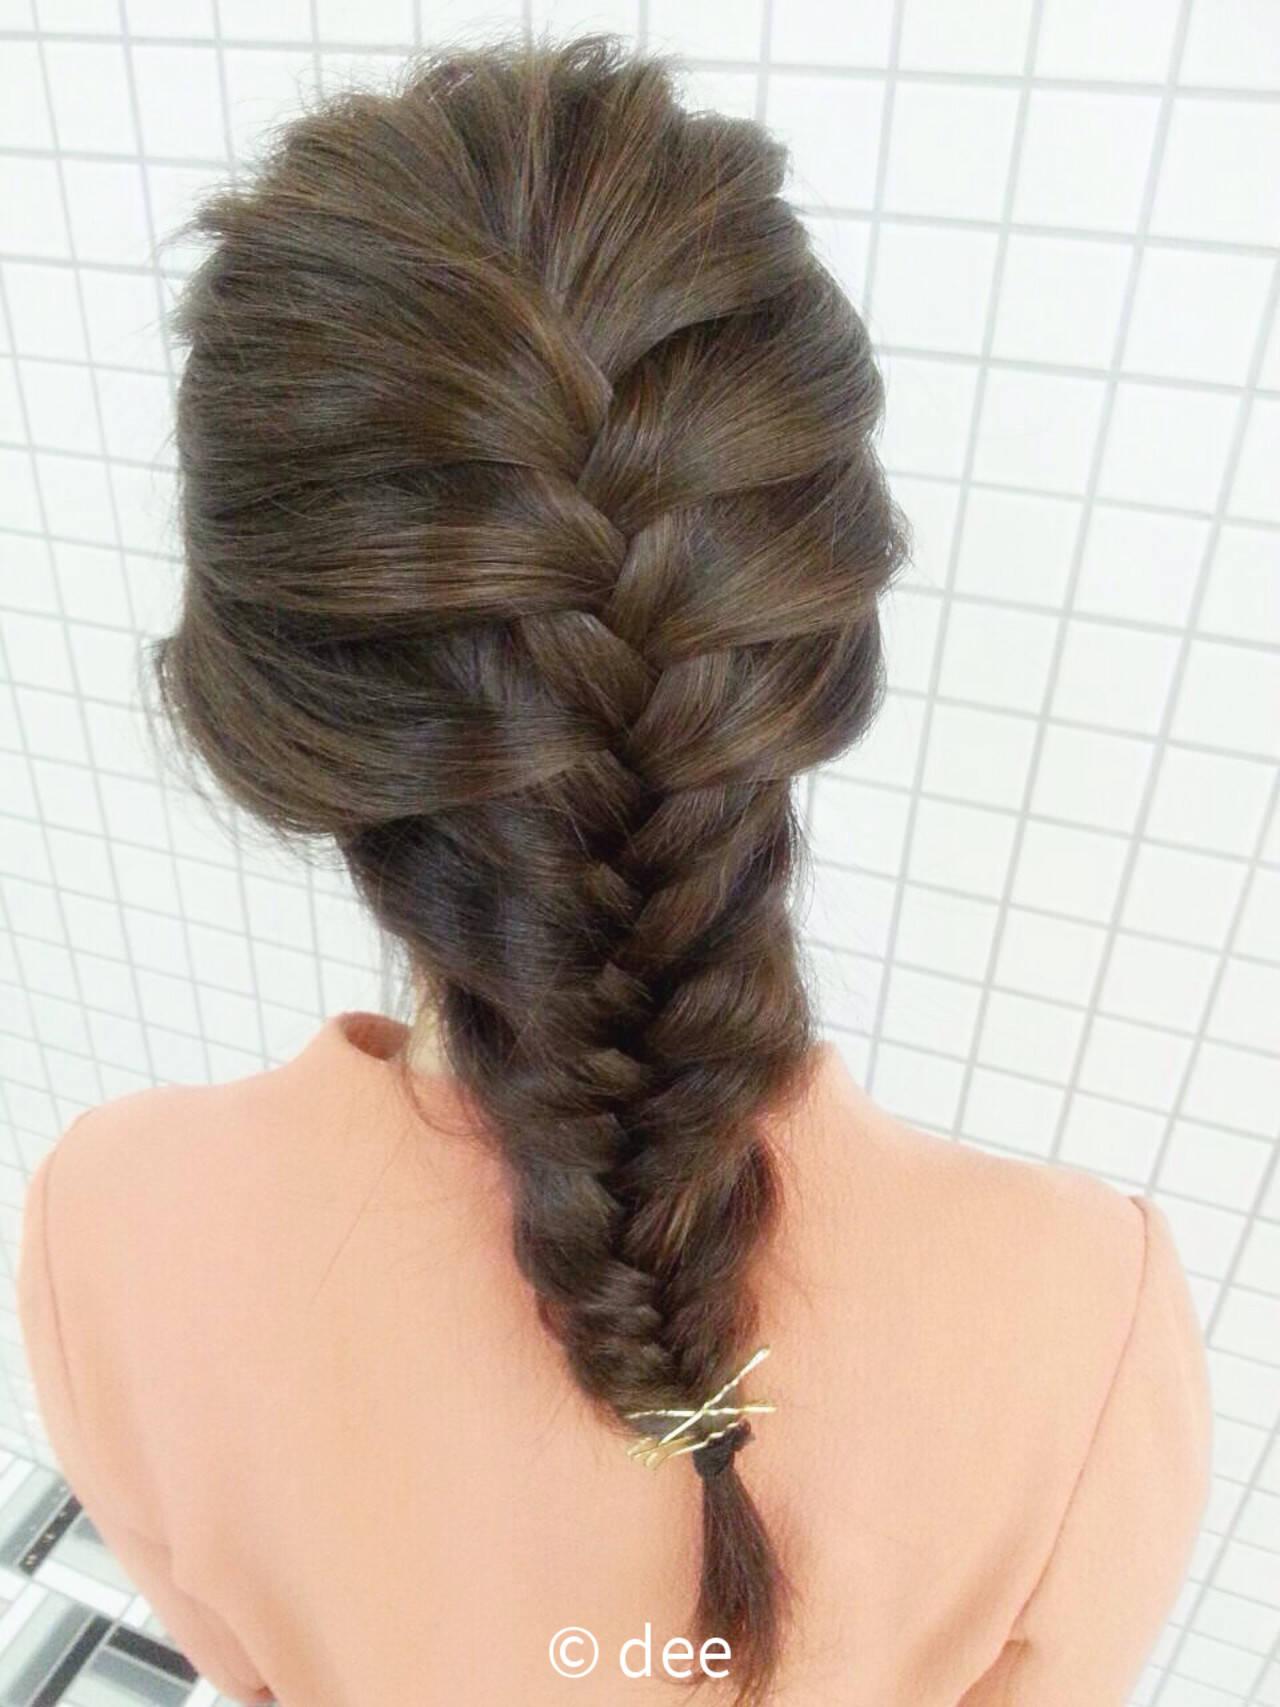 ショート ヘアアレンジ 編み込み 簡単ヘアアレンジヘアスタイルや髪型の写真・画像